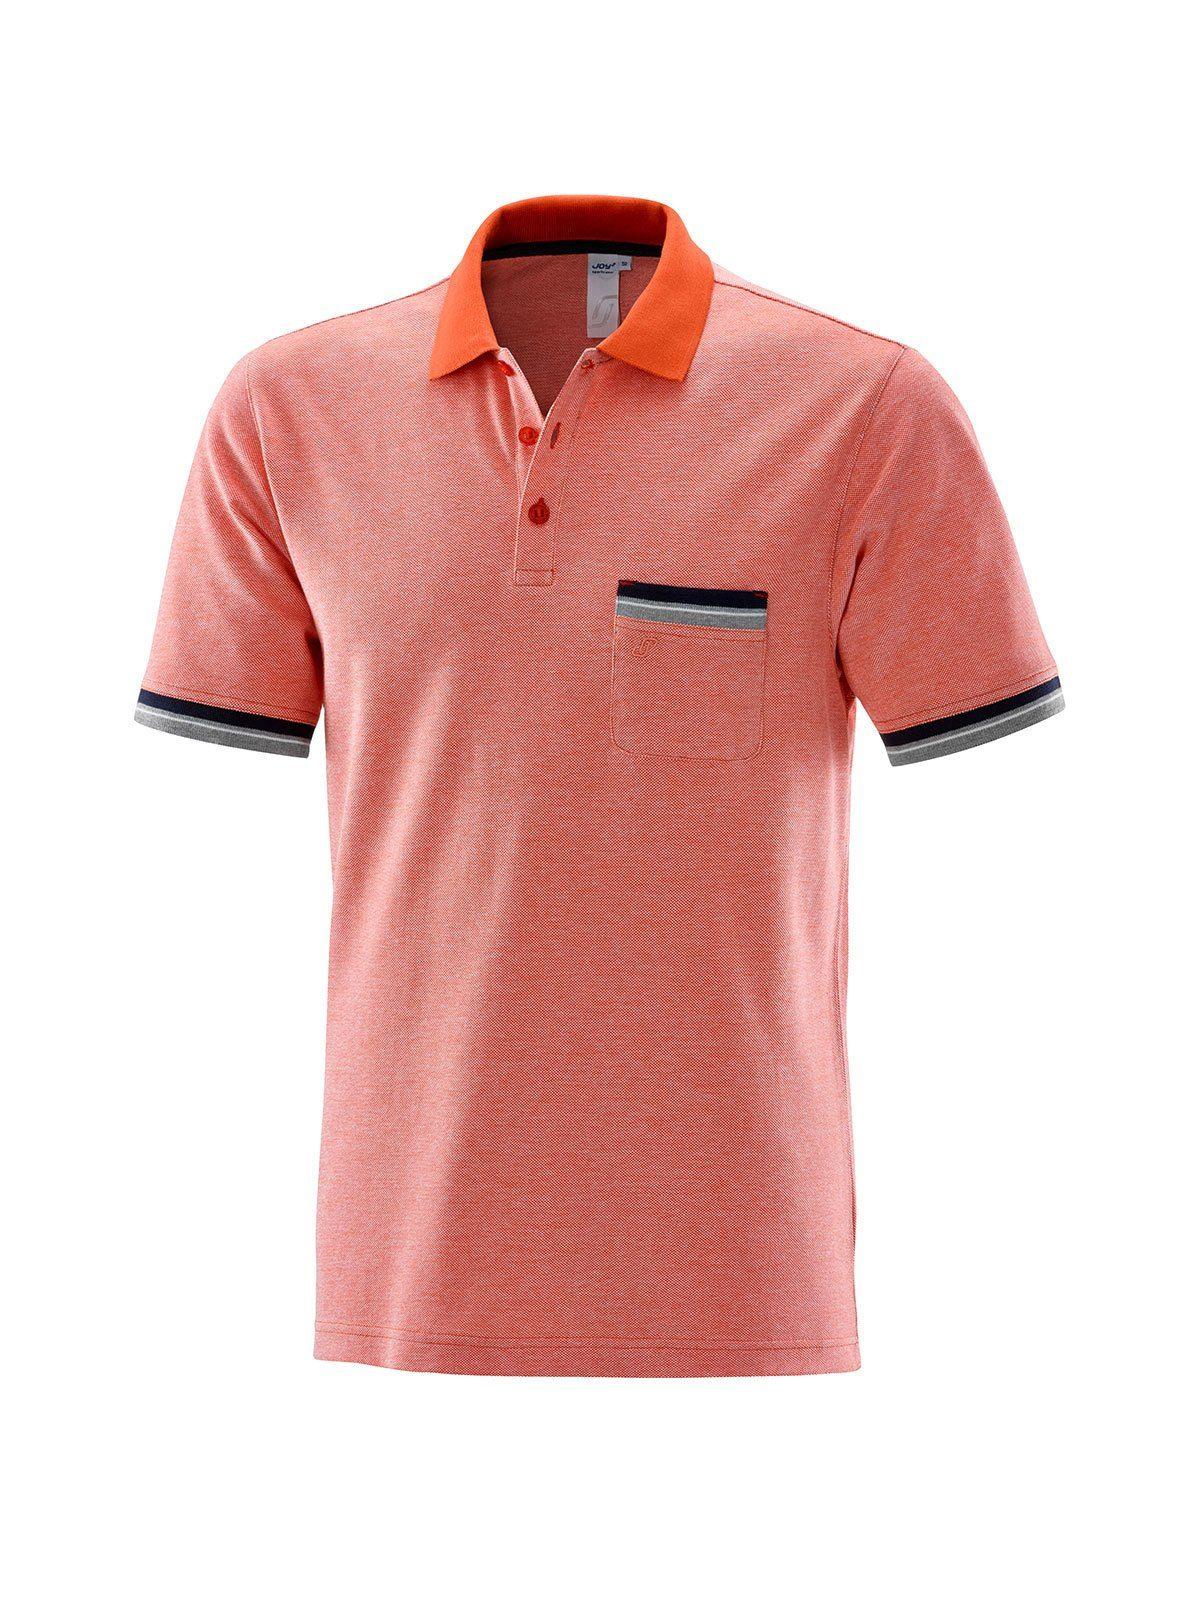 Joy Sportswear Poloshirt INGO | Sportbekleidung > Sportshirts > Poloshirts | Orange | Baumwolle | Joy Sportswear